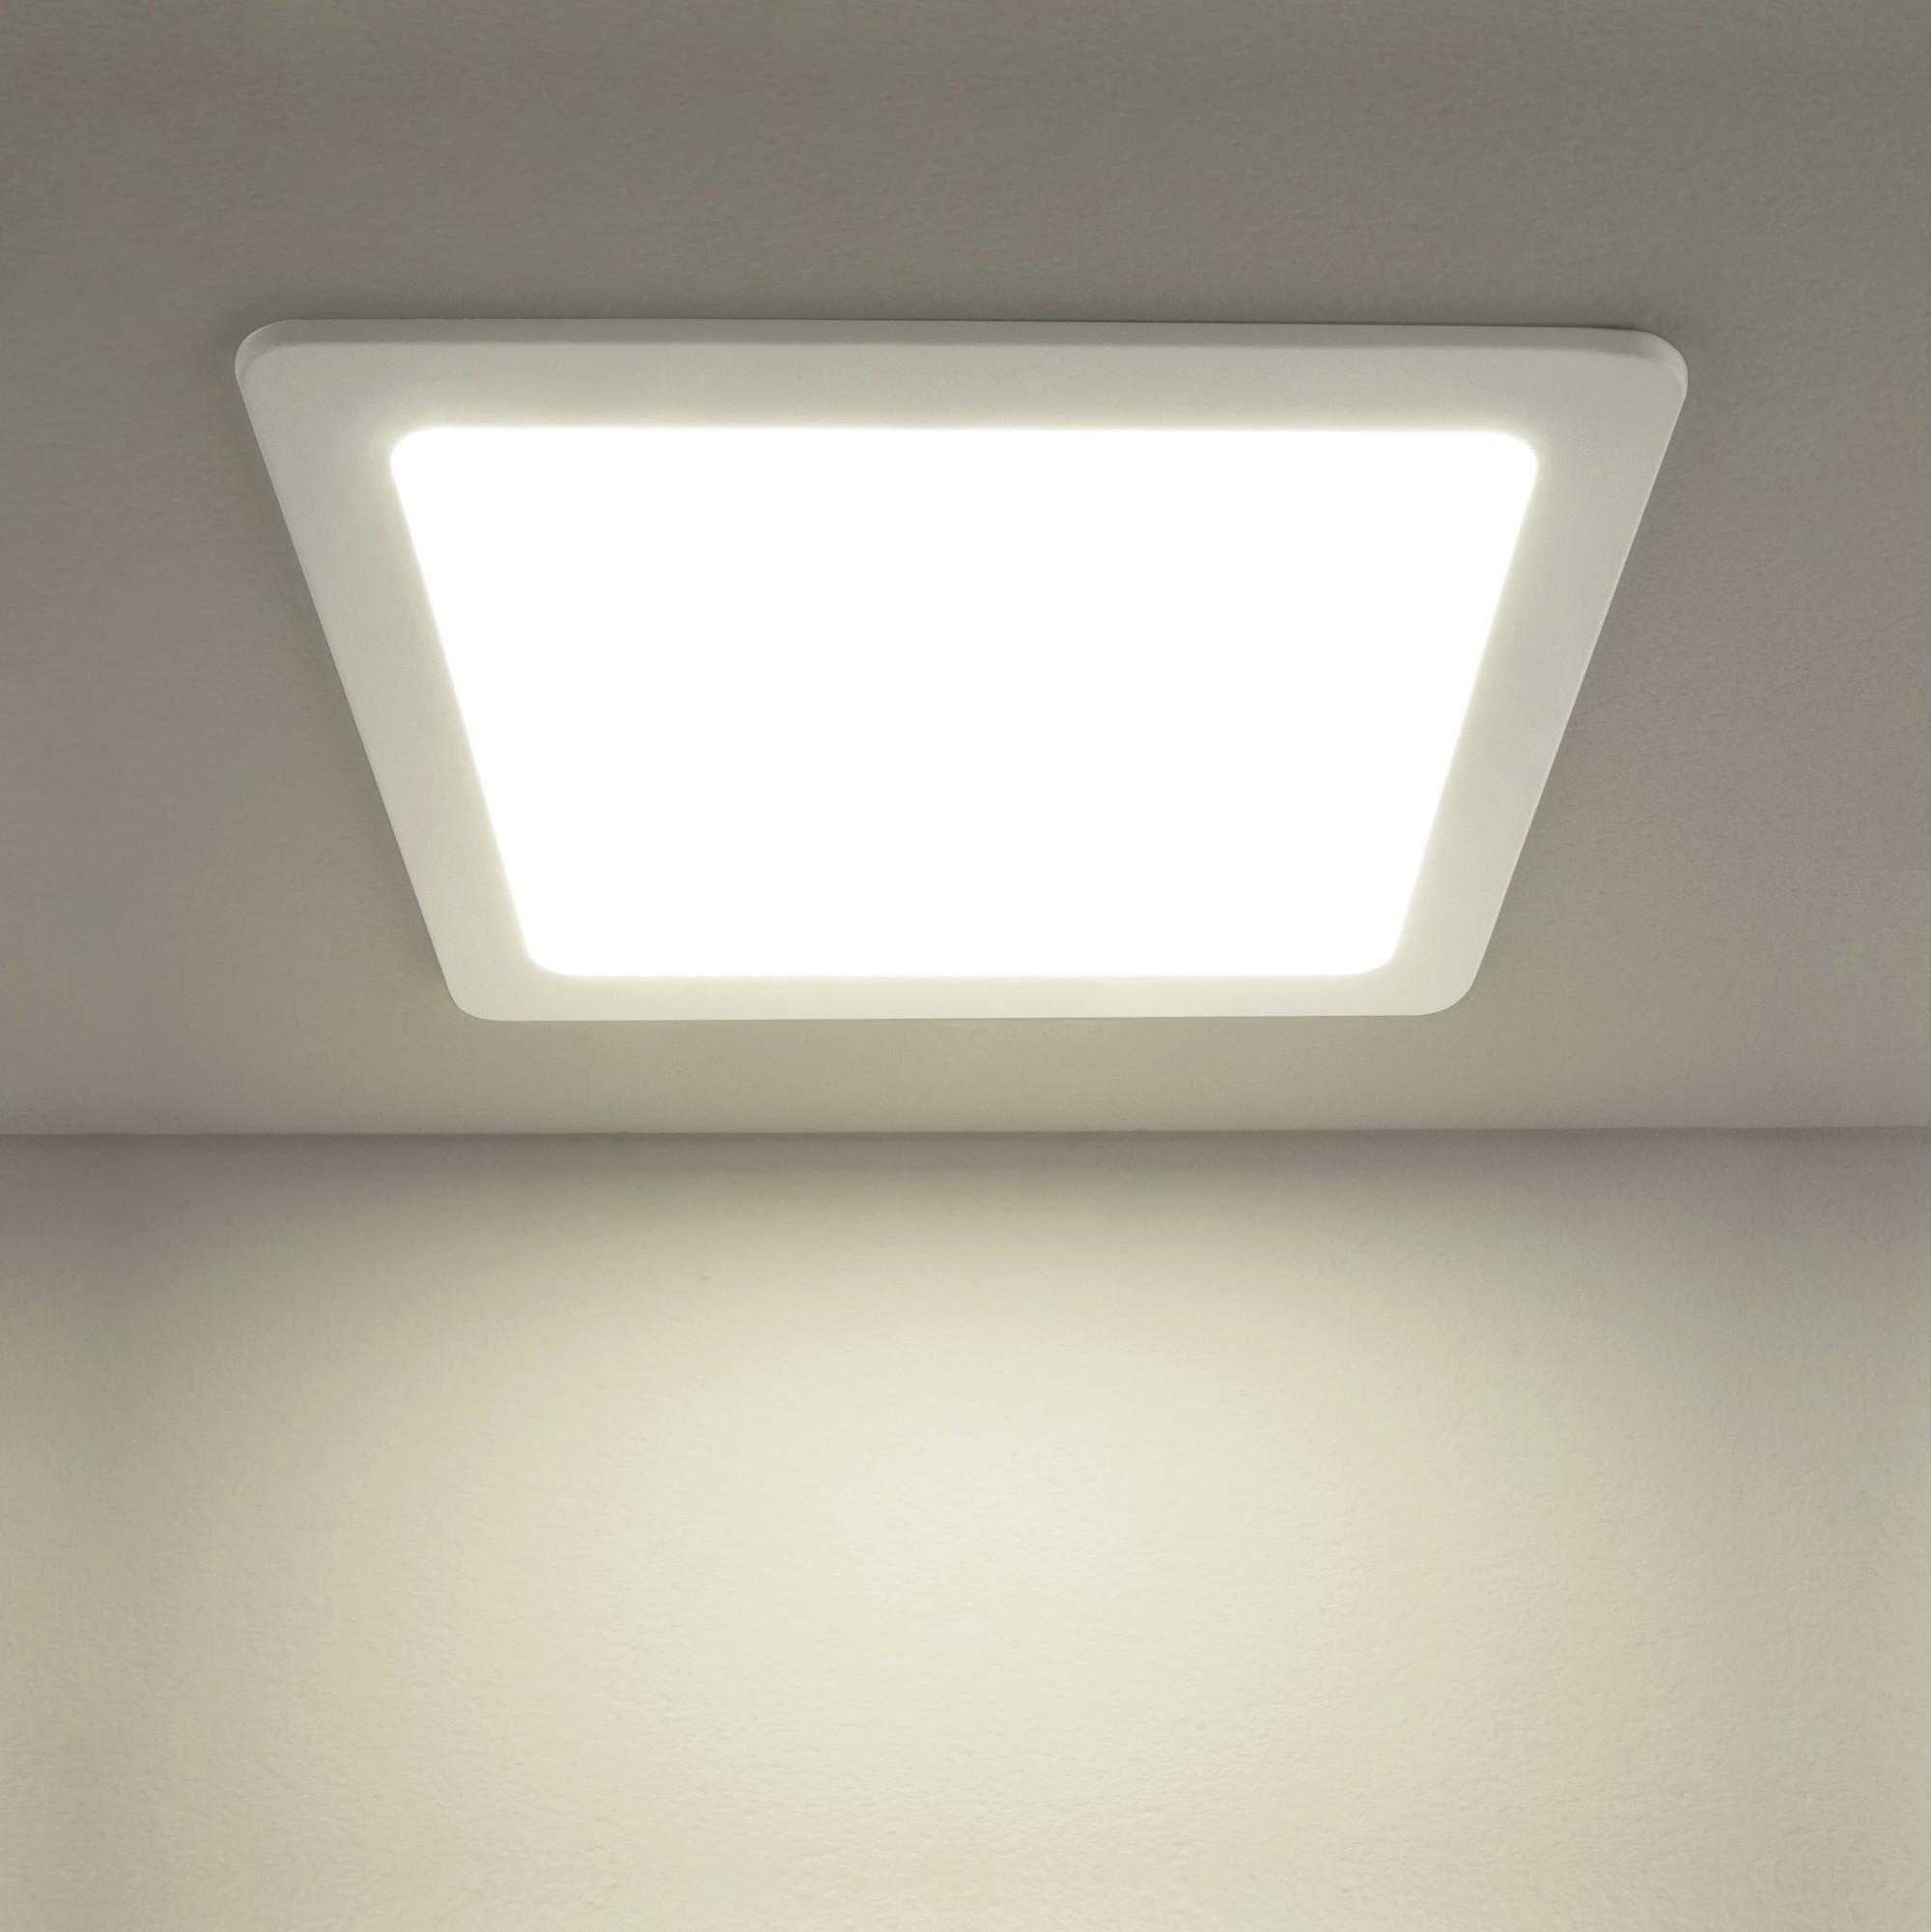 Фото Встраиваемый светильник Elektrostandard Downlight a034919